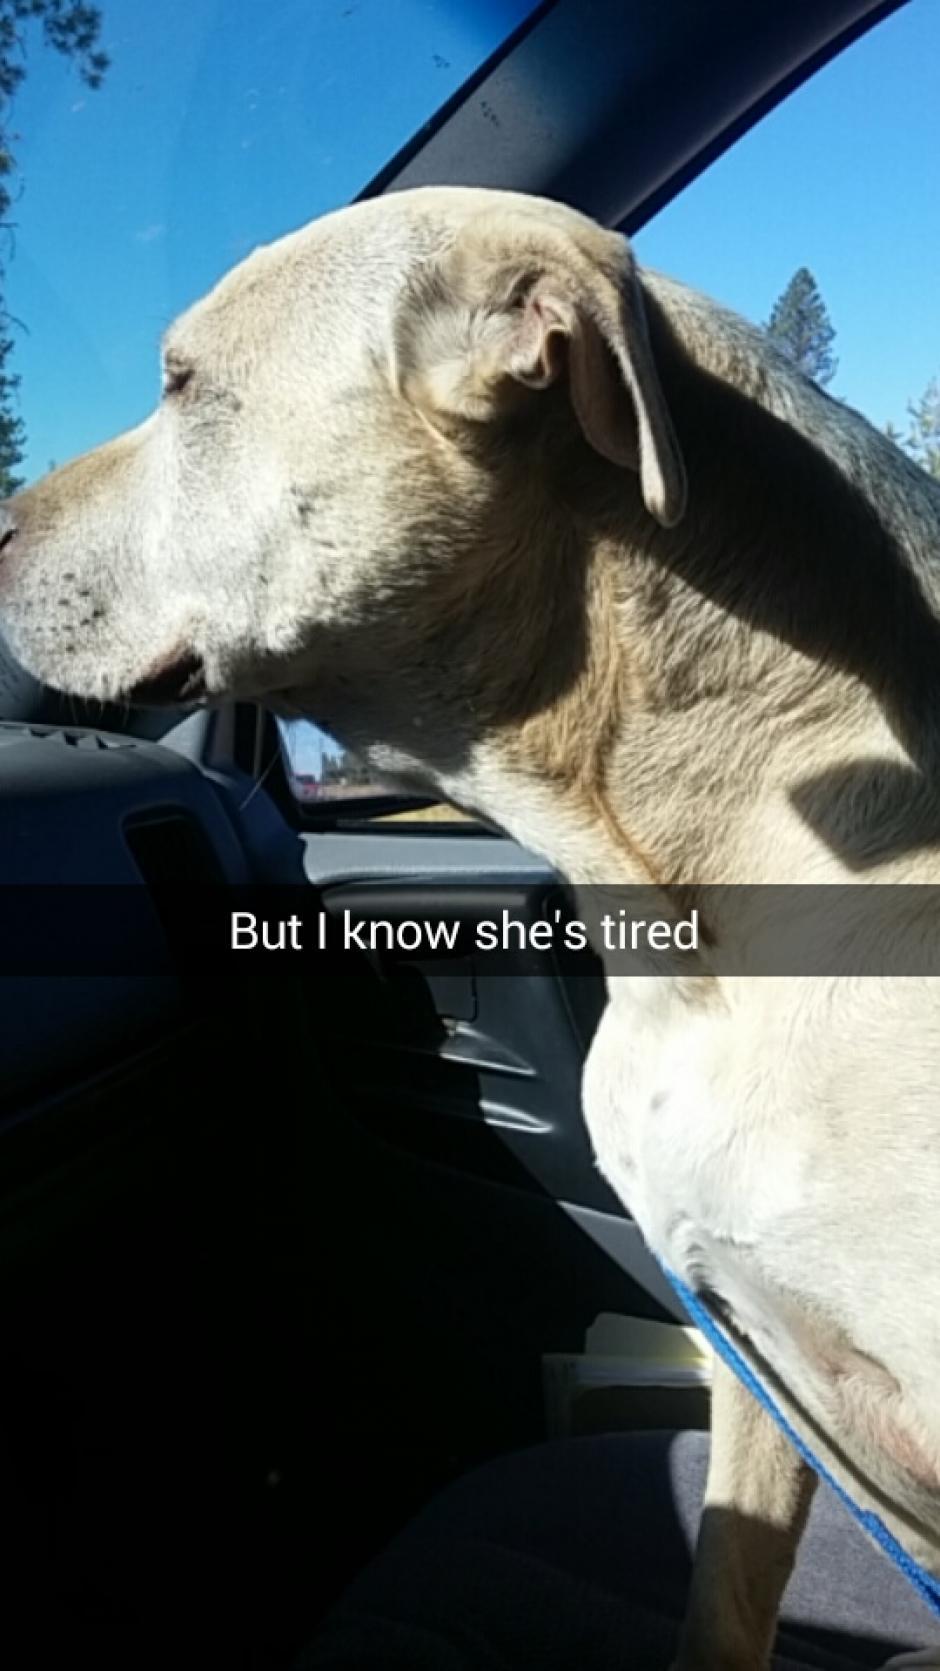 Su humana decidió darle un lindo día de despedida. (Foto: Snapchat)